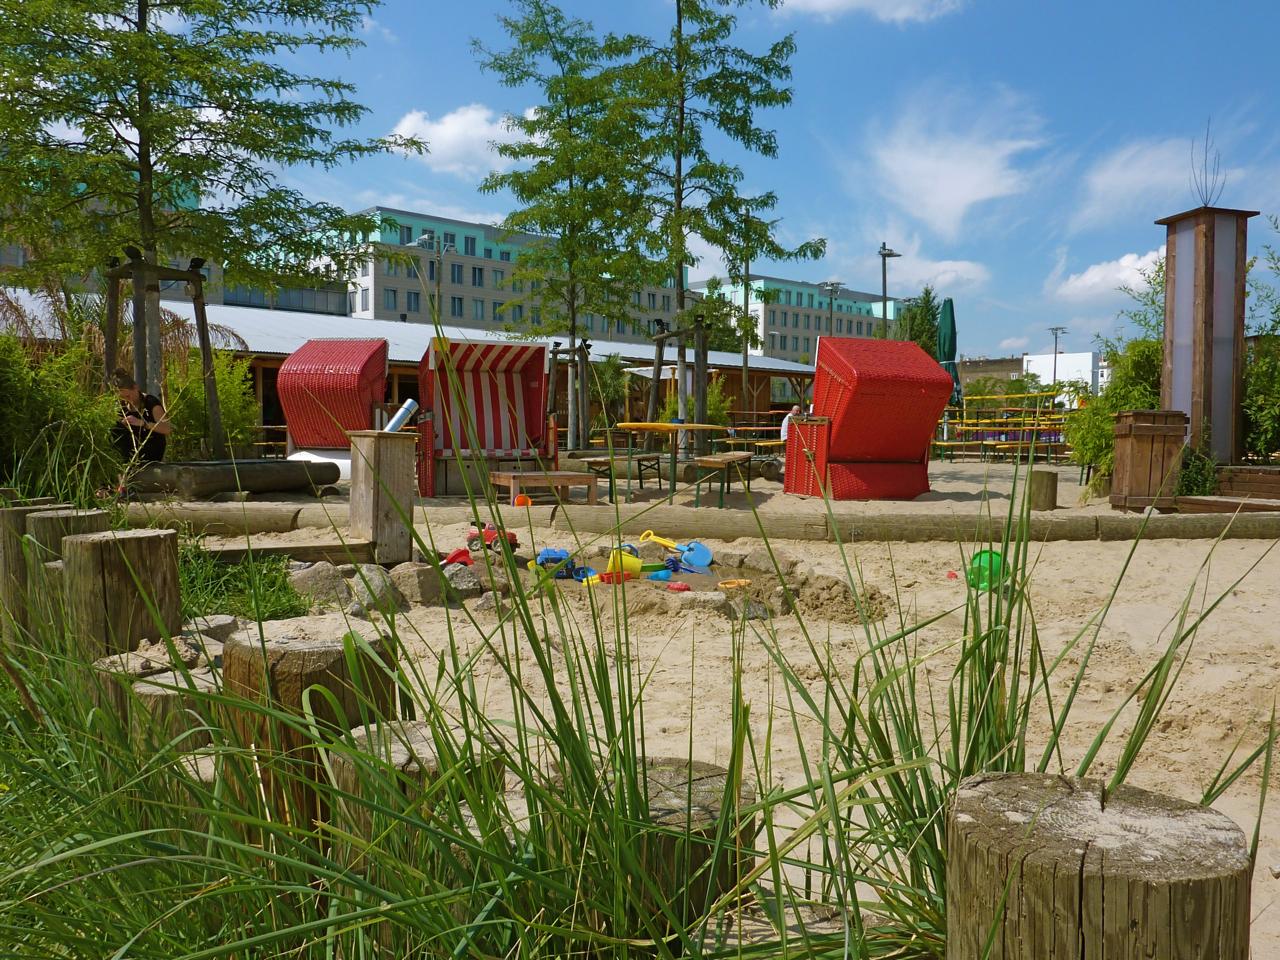 yttis top 10 strandbars und strandcafes in berlin ytti. Black Bedroom Furniture Sets. Home Design Ideas